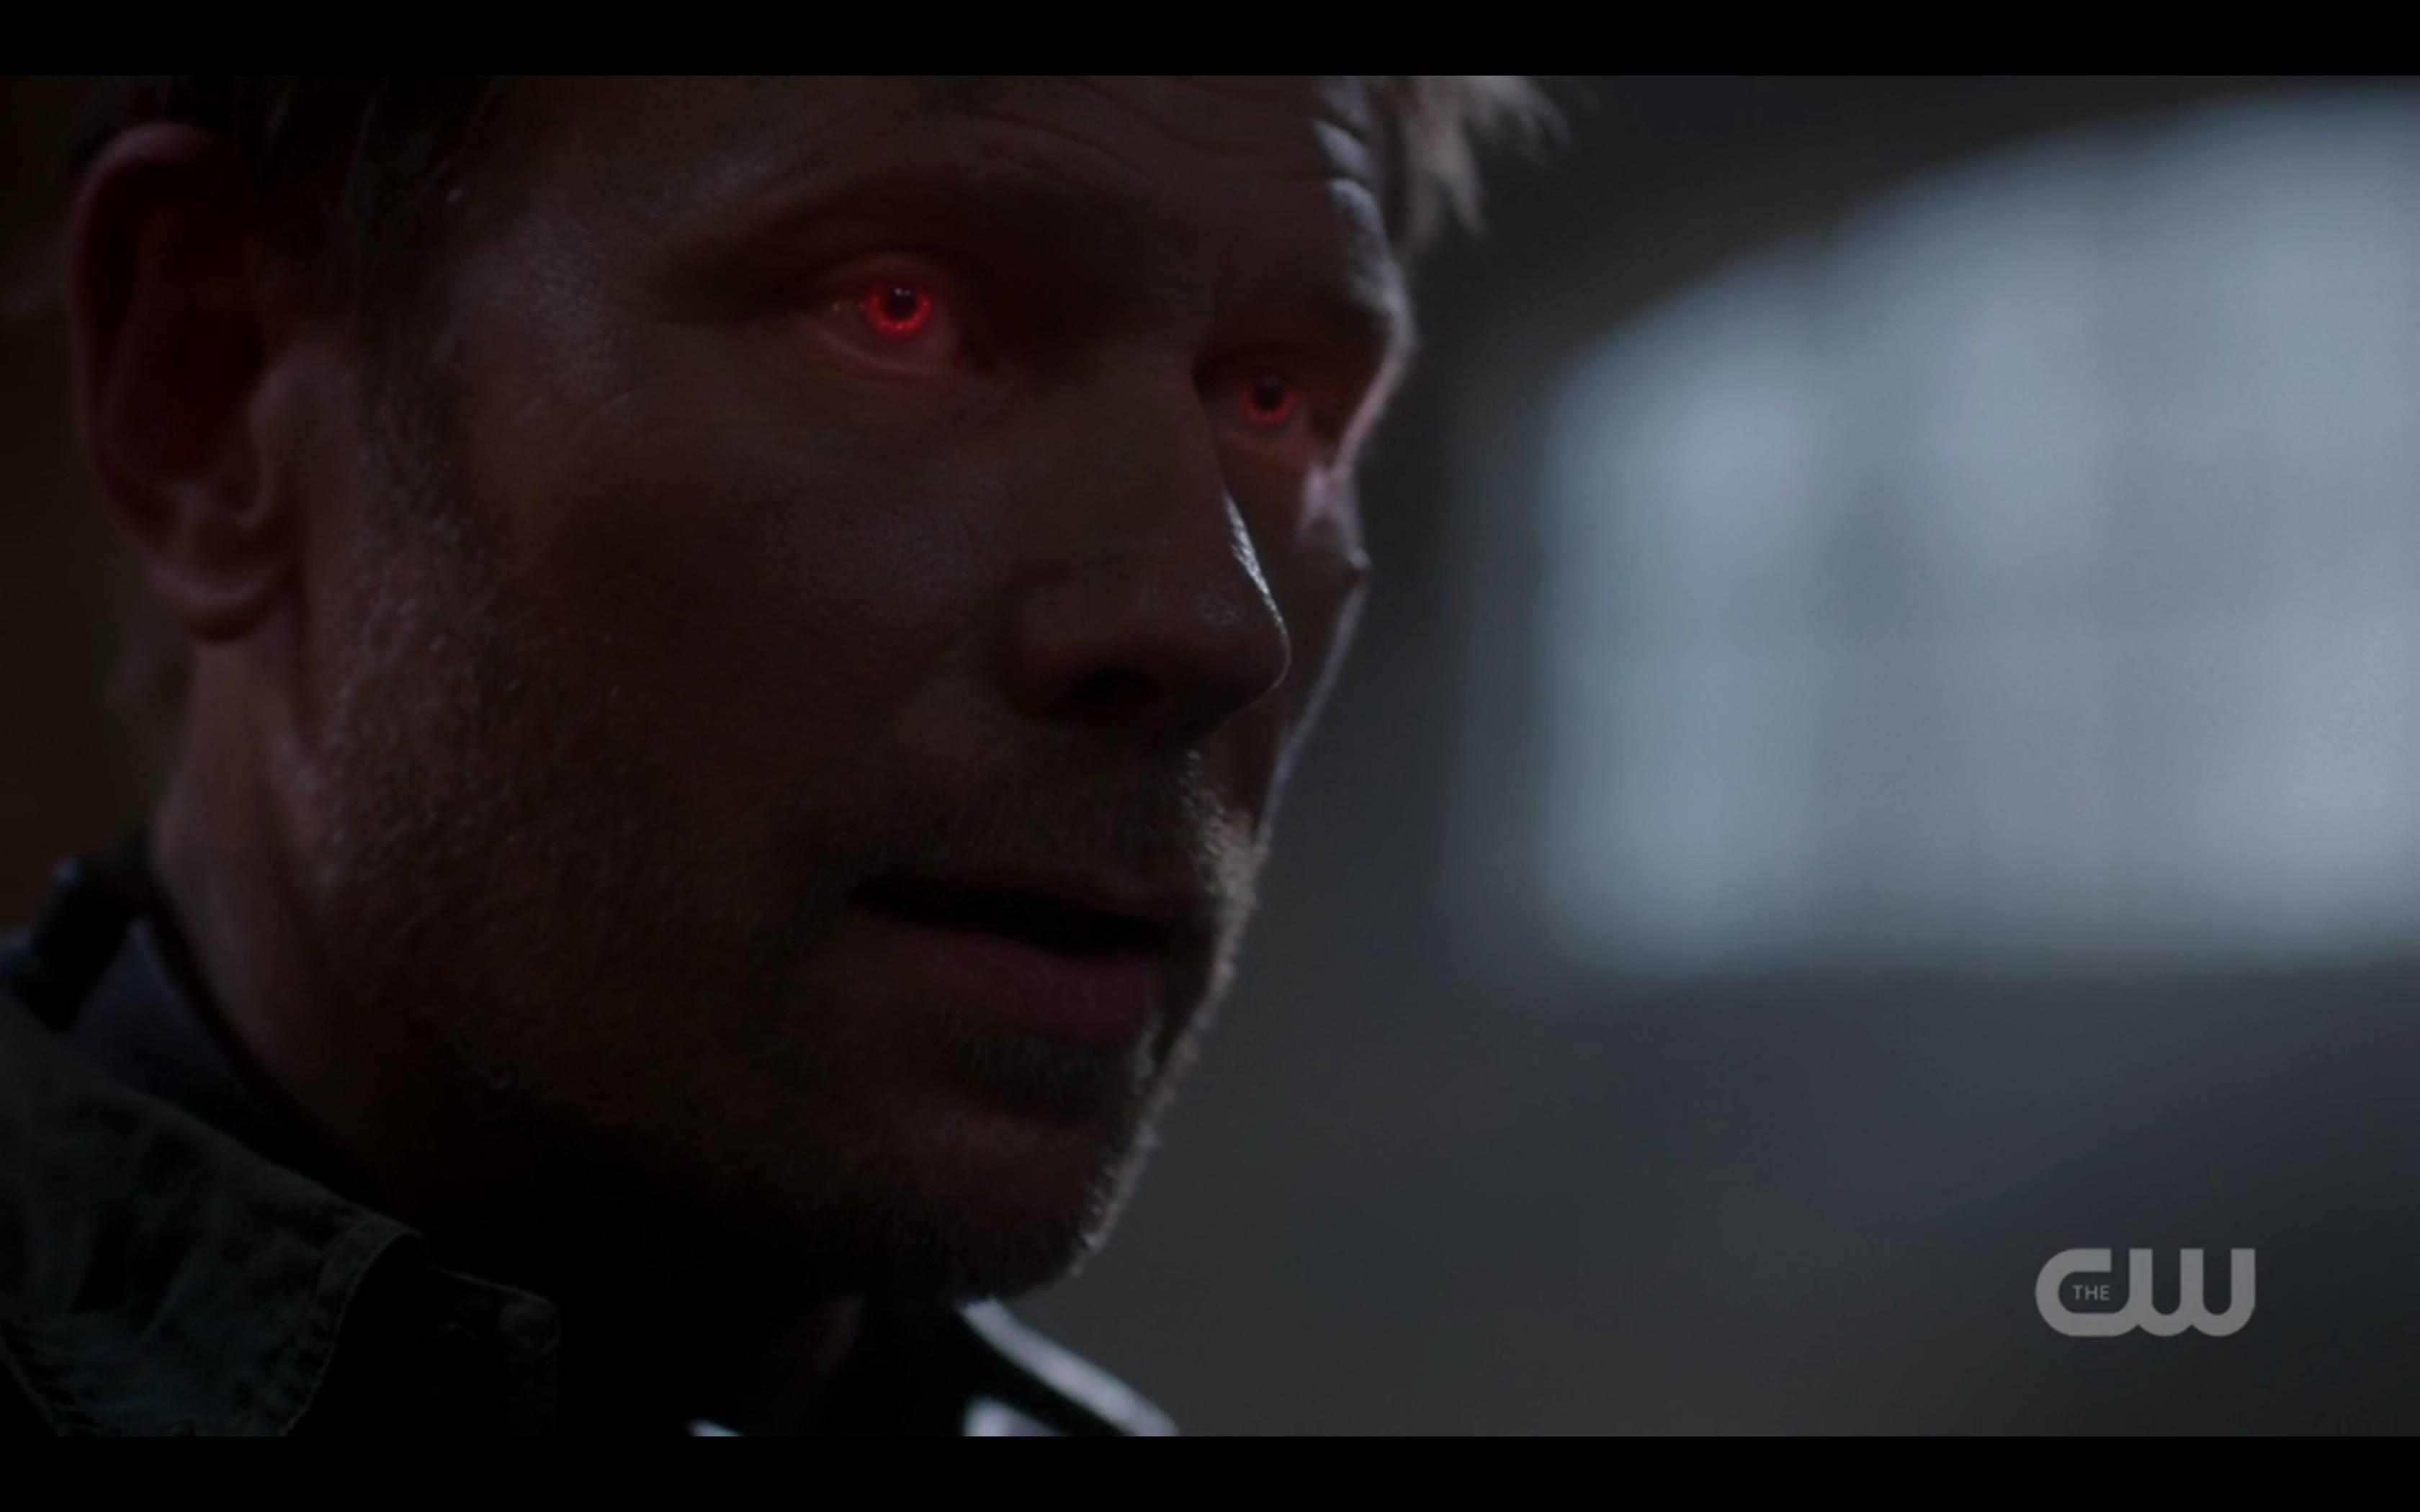 supernatural british invasion lucifer red eyes - Movie TV ...